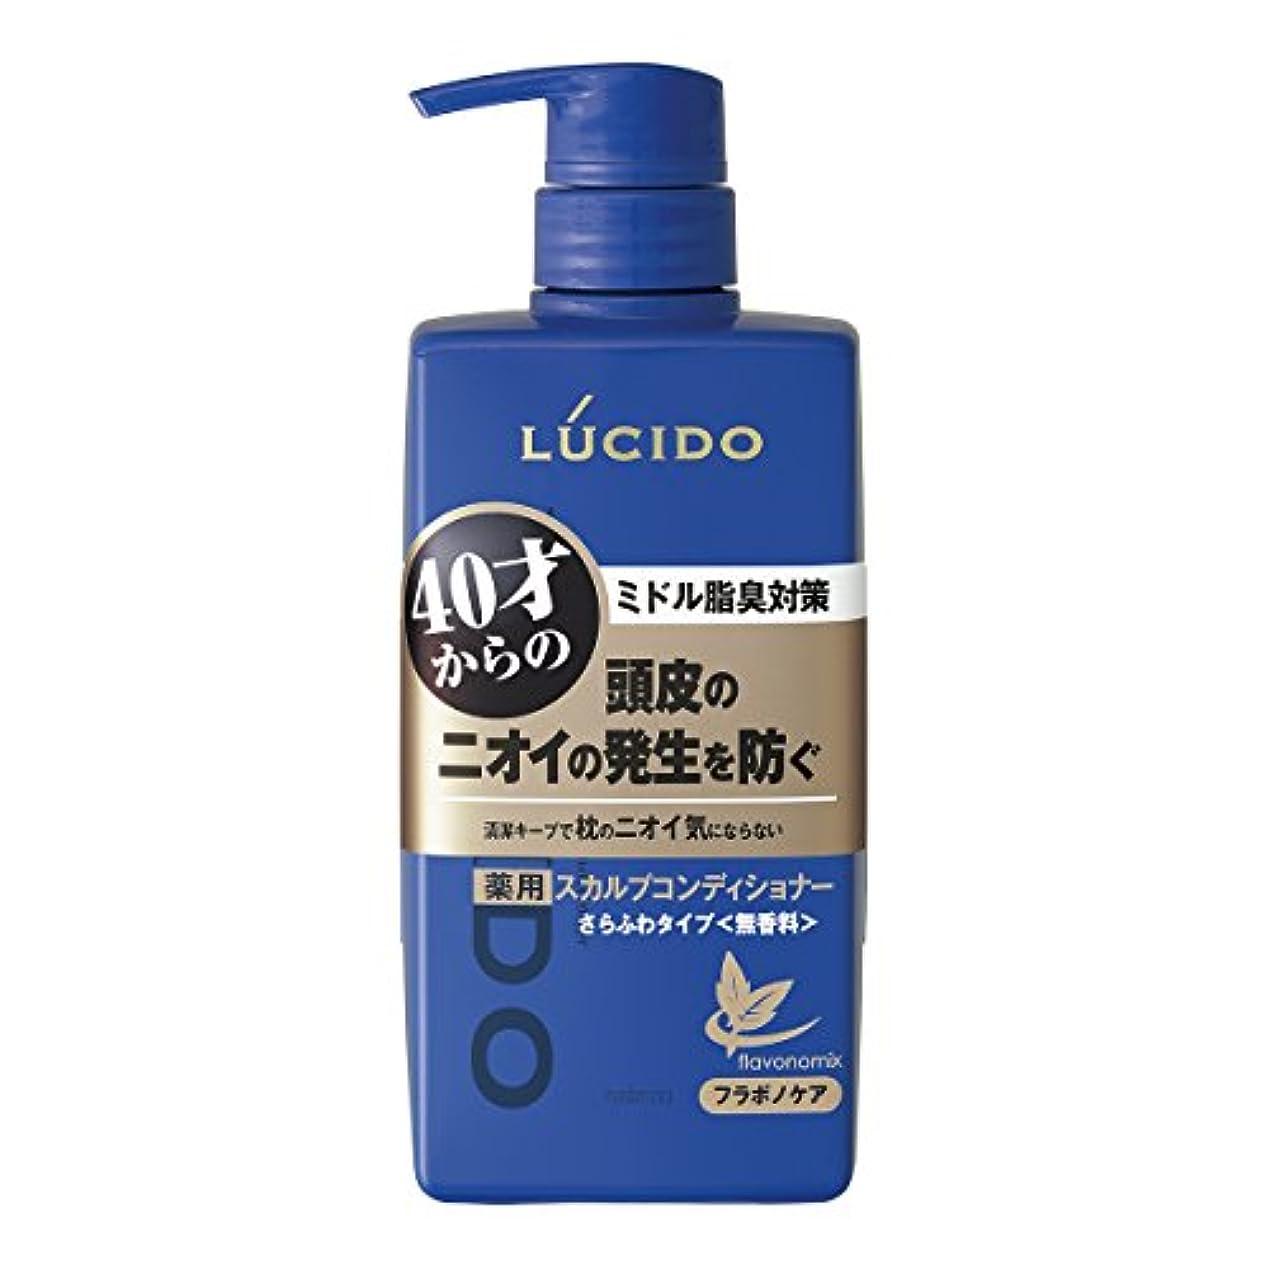 フルーティー比類のない偽装するルシード 薬用ヘア&スカルプコンディショナー 450g(医薬部外品)